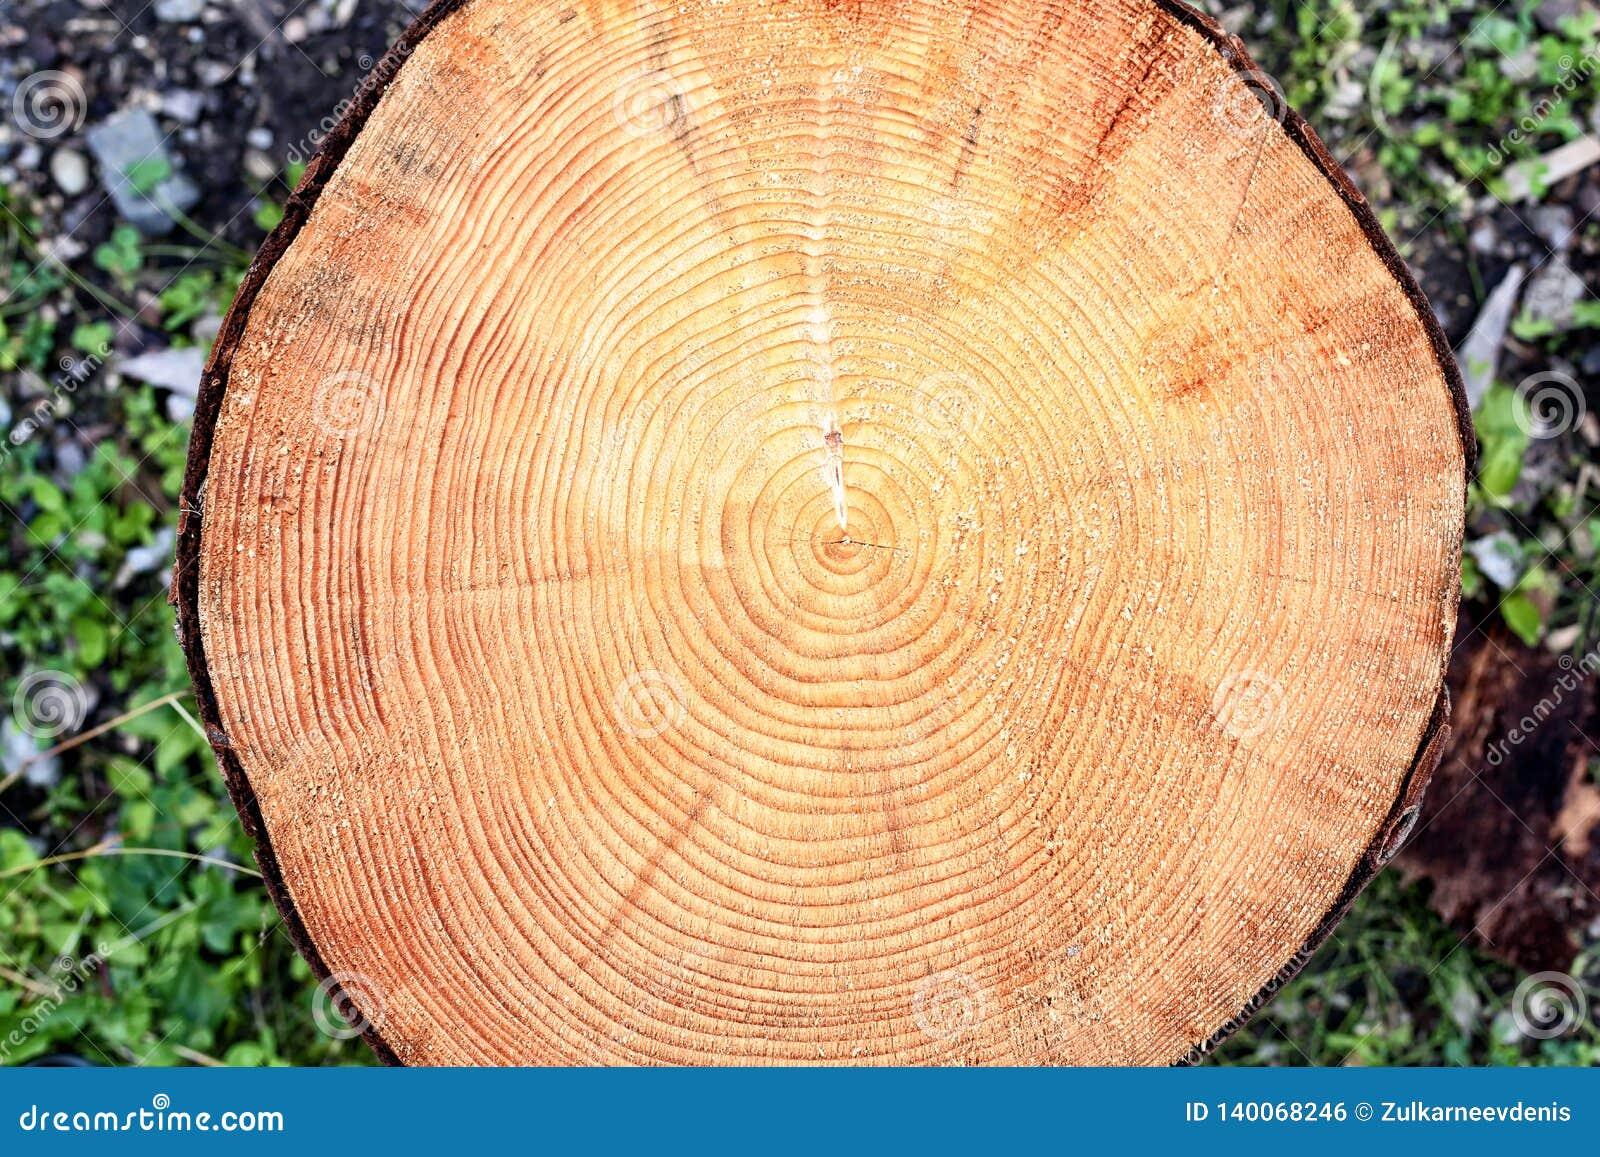 Ringen van een boom in een besnoeiing